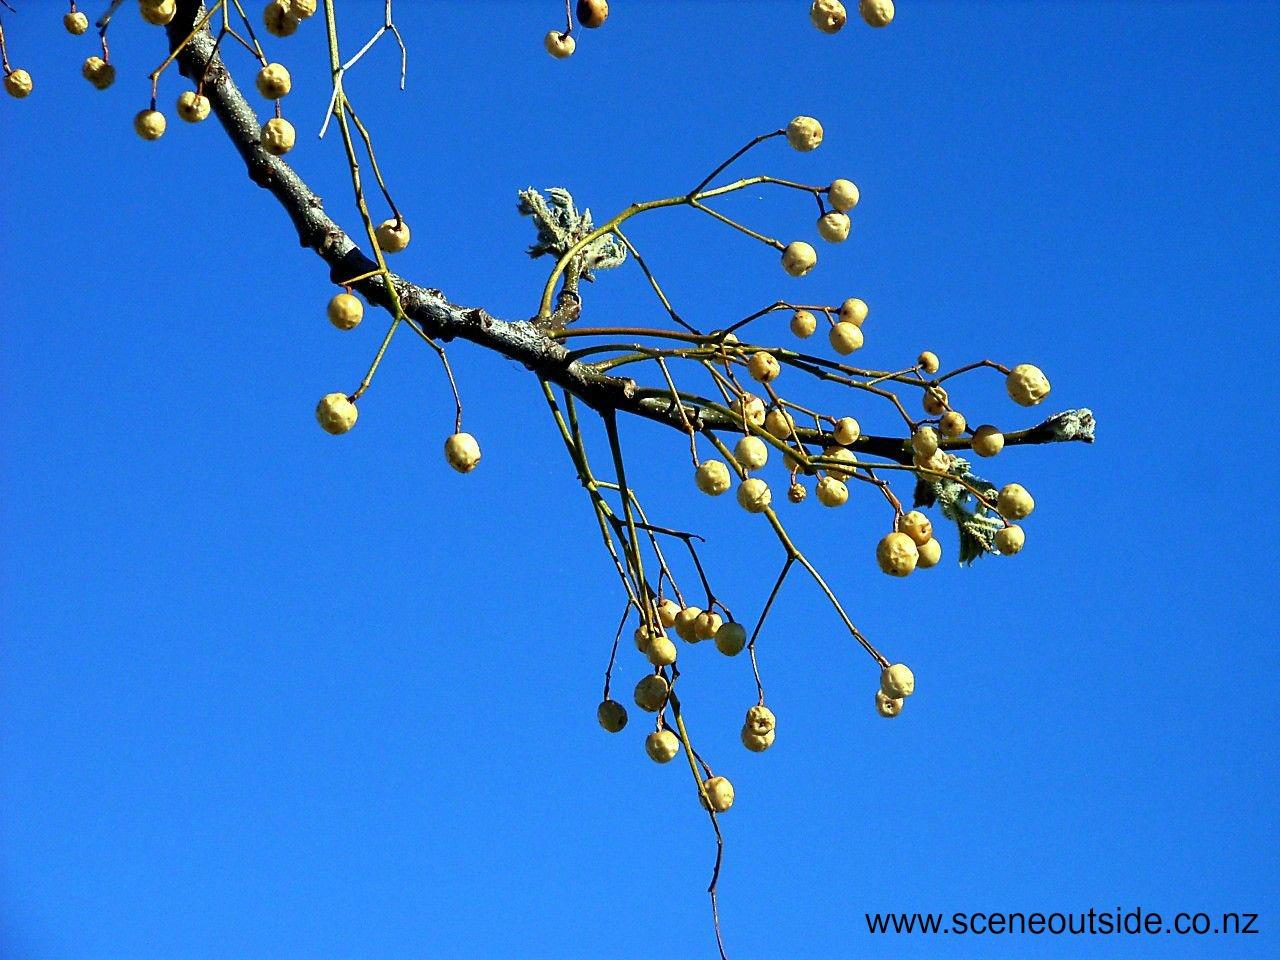 melia-azedarach-fruit.jpg